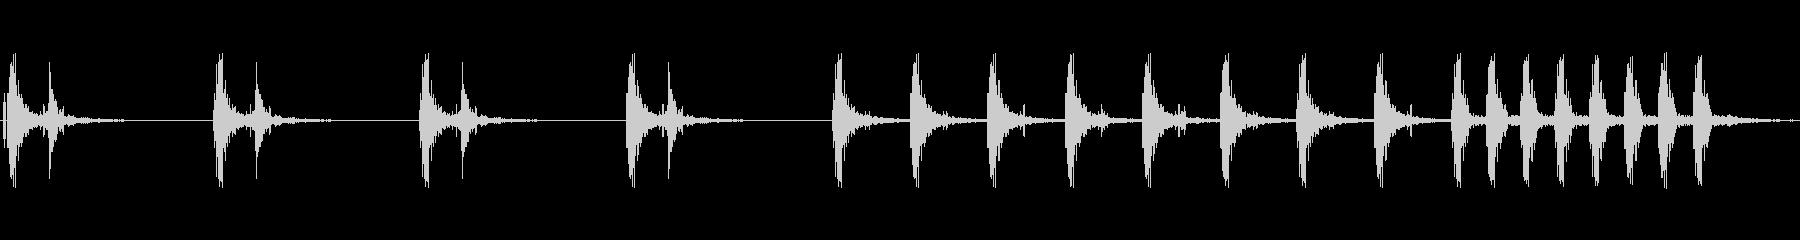 ドクン ドクンの未再生の波形